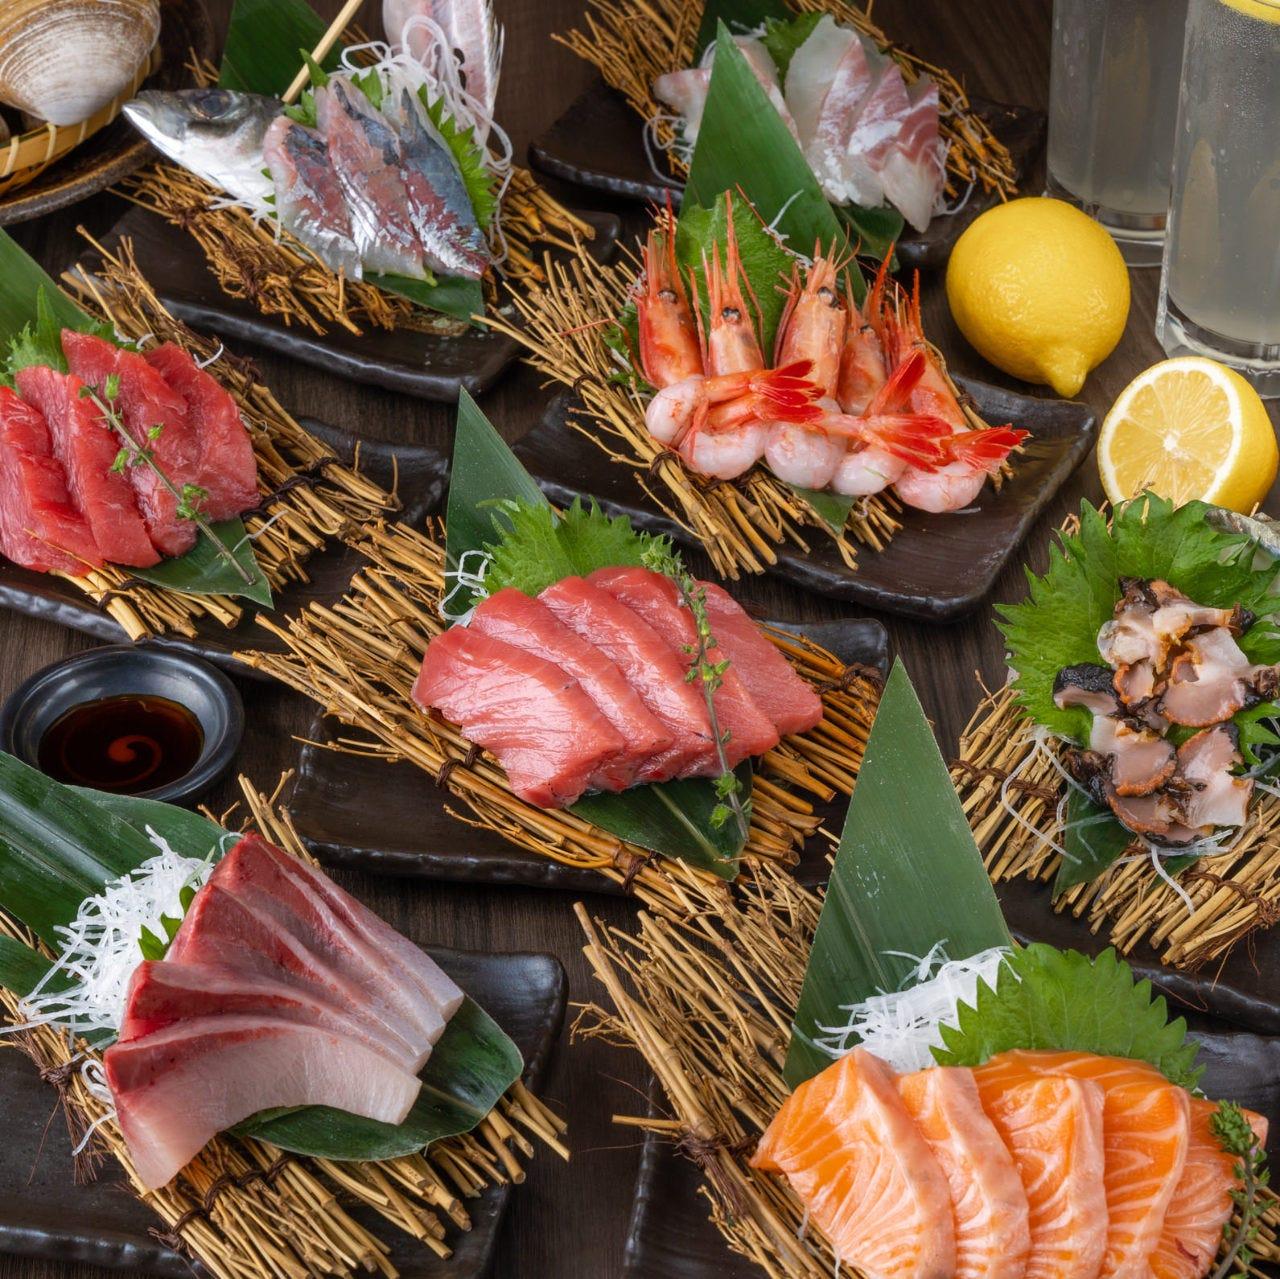 旨い魚とレモンサワー 個室居酒屋 トロ政 有楽町日比谷店